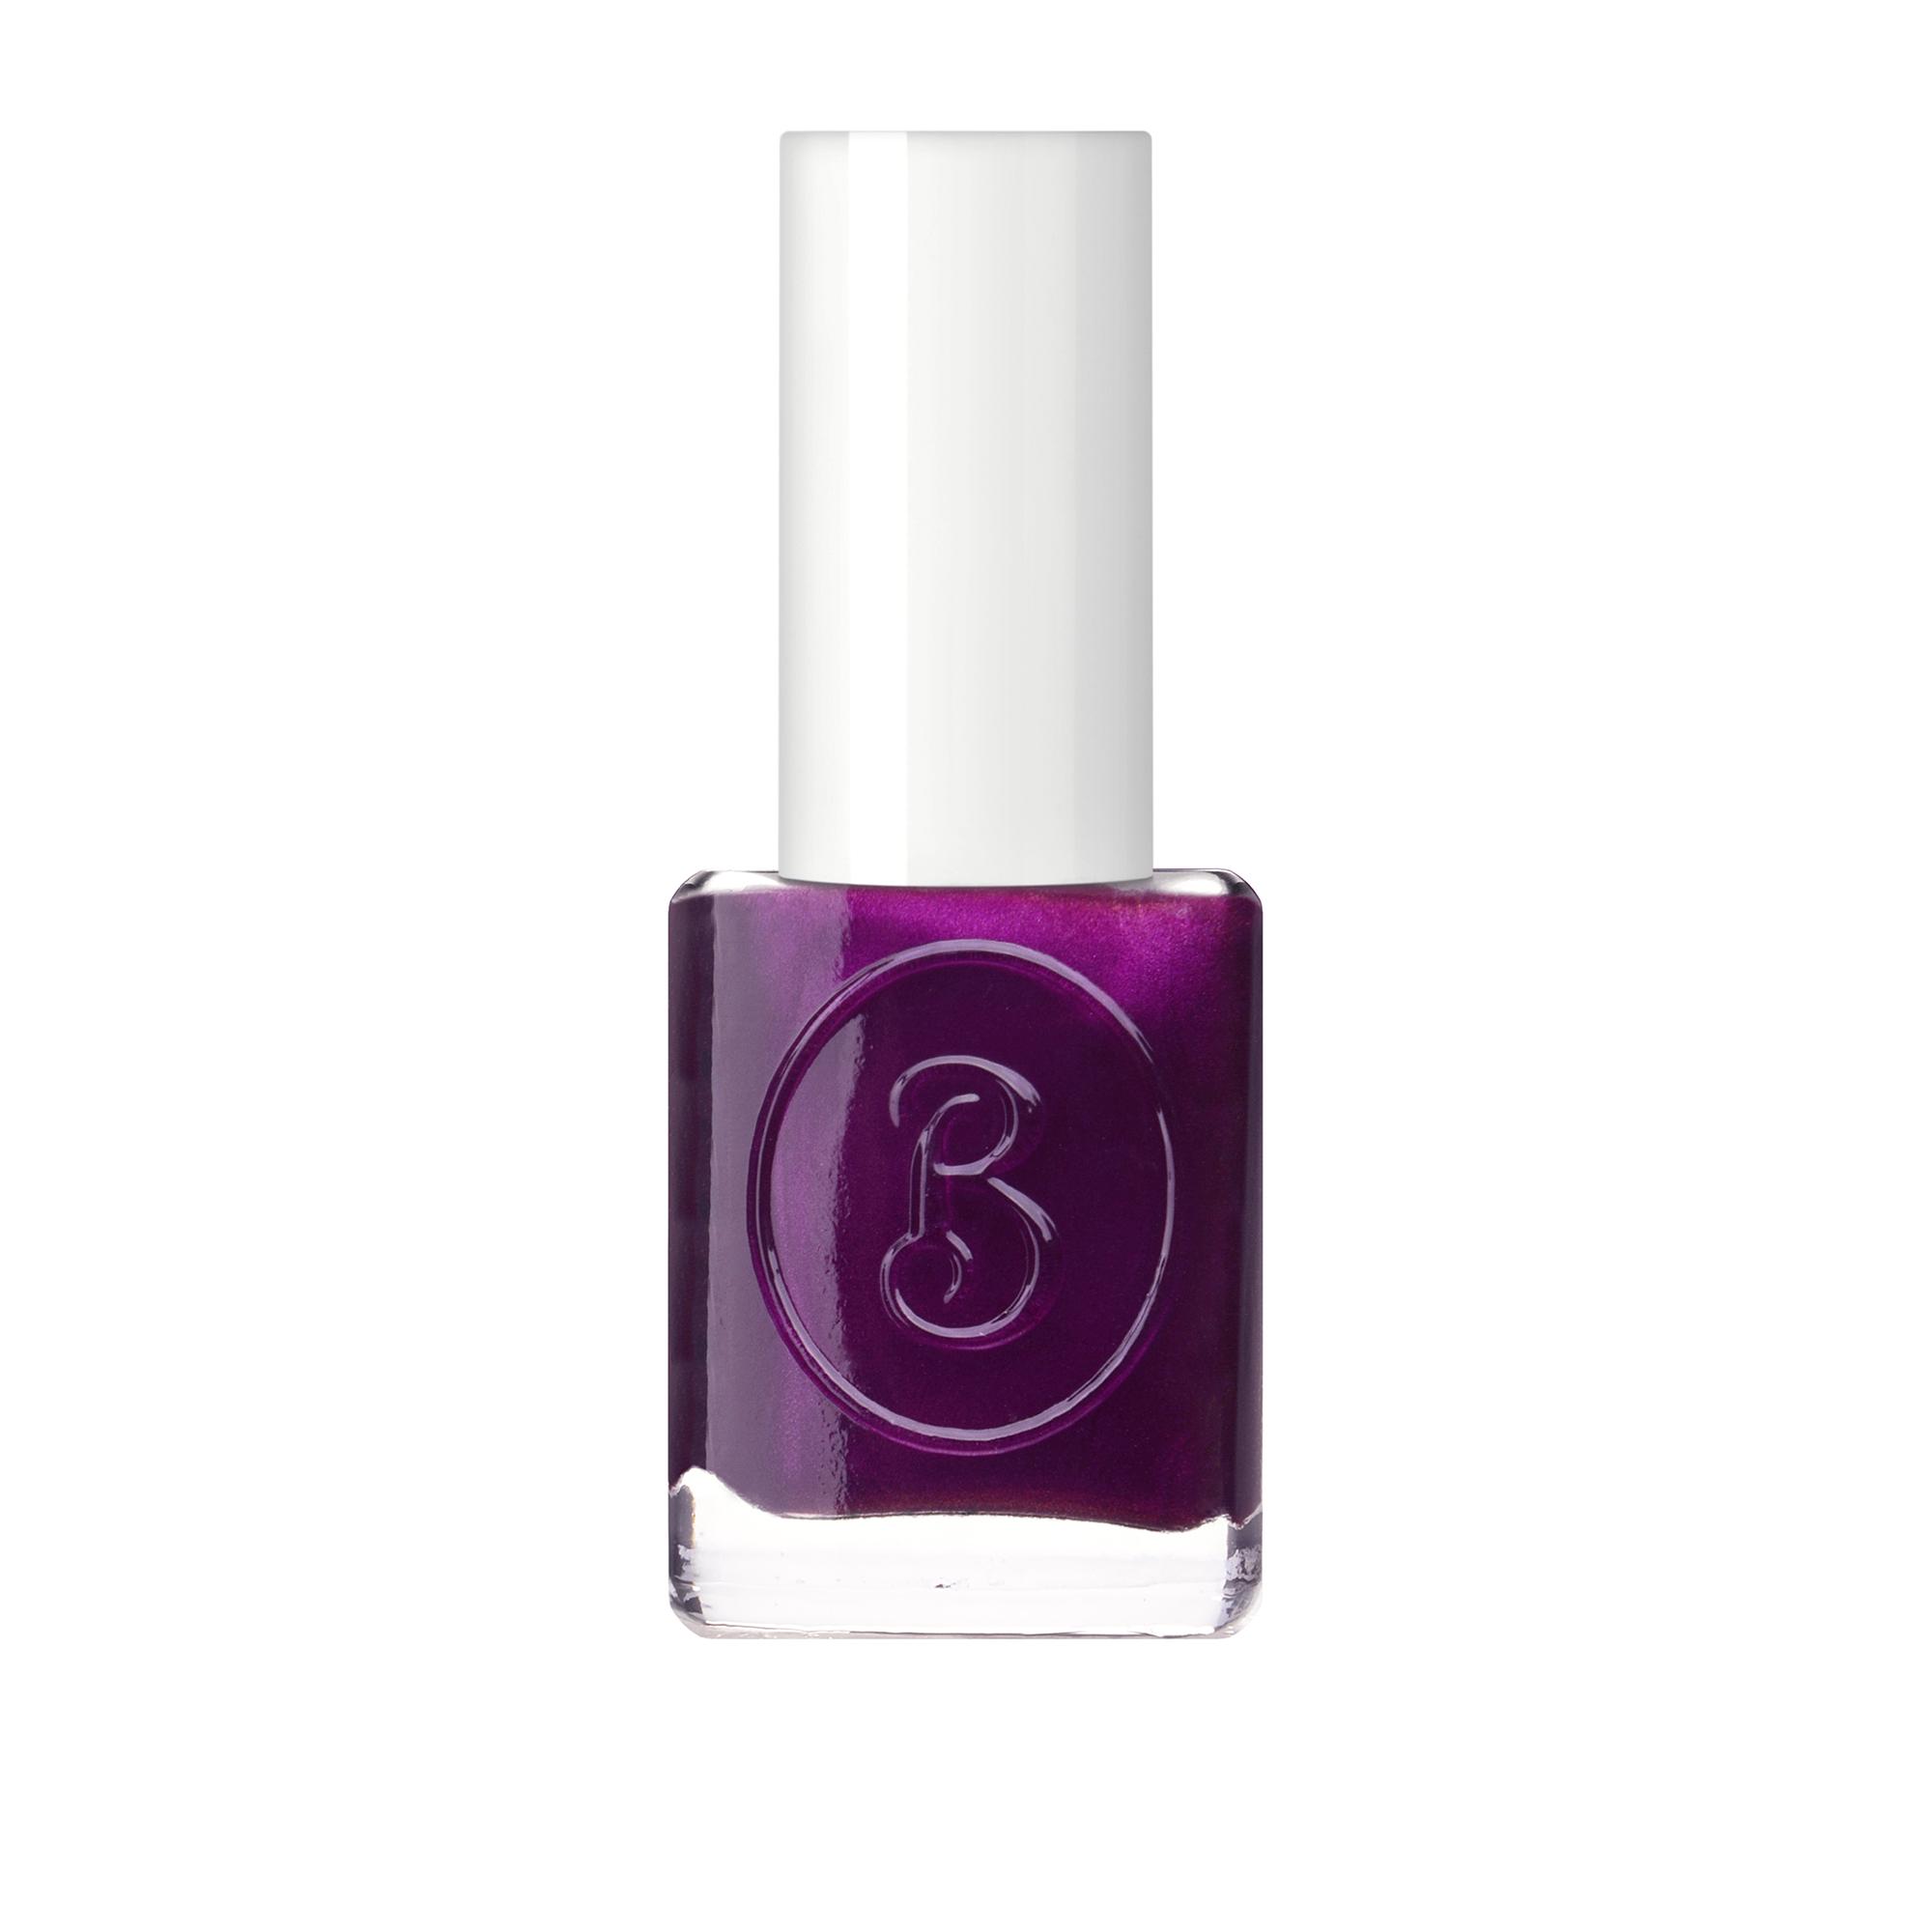 BERENICE Лак для ногтей пурпурное сердце тон 24 purple heart / BERENICE 16 млЛаки<br>Революционное открытие в области красоты ногтей на основе высоких швейцарских технологий    дышащий  лак для ногтей марки BERENICE. Он не оставит равнодушными ни мастеров маникюра, ни их клиентов. Этот лак содержит кислородный комплекс, который обеспечивает основное свойство лака   проницаемость воздуха и паров влаги в ноготь. Двойной пластификатор, содержащийся в составе, делает покрытие более гибким, продлевает стойкость маникюра, защищая от сколов и повреждений. Лак равномерно наносится и быстро сохнет. Профессиональная плоская кисточка обеспечивает идеальное прилегание к поверхности ногтя и нанесение лака.&amp;nbsp; Кислородный лак BERENICE   это здоровая альтернатива, традиционным лакам, блокирующим прохождение кислорода и влаги в ноготь. Система 5 free, в составе отсутствуют вредные компоненты такие как толуол, ДБП, формальдегидные смолы, фталаты и камфора.&amp;nbsp; Активные ингредиенты: смолы нового поколения, UV-фильтры<br><br>Цвет: Фиолетовые